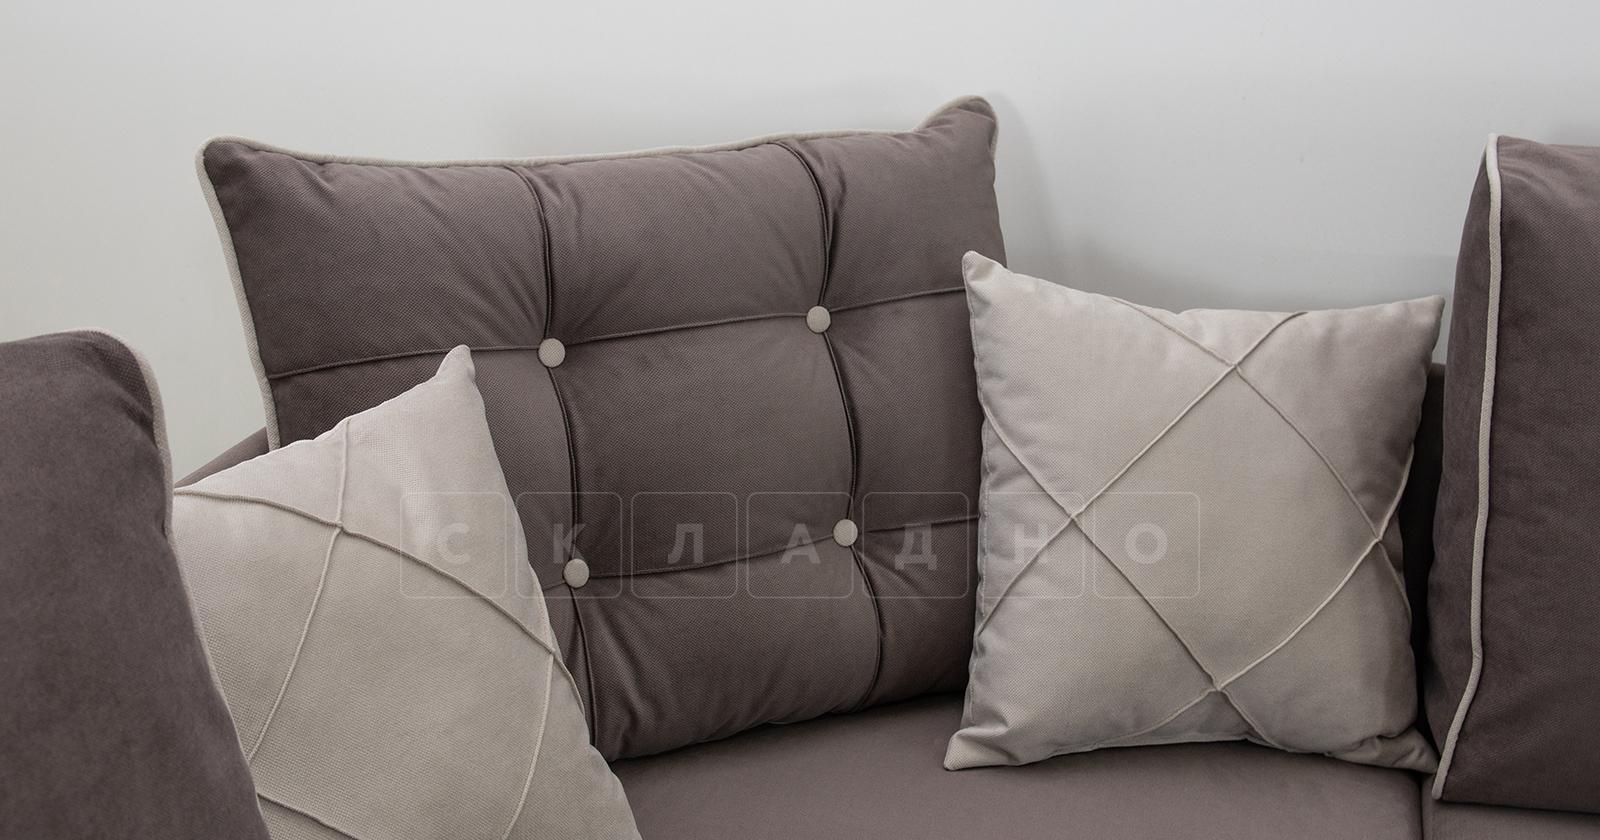 Диван-кровать угловой Флэтфорд шоколад фото 12 | интернет-магазин Складно